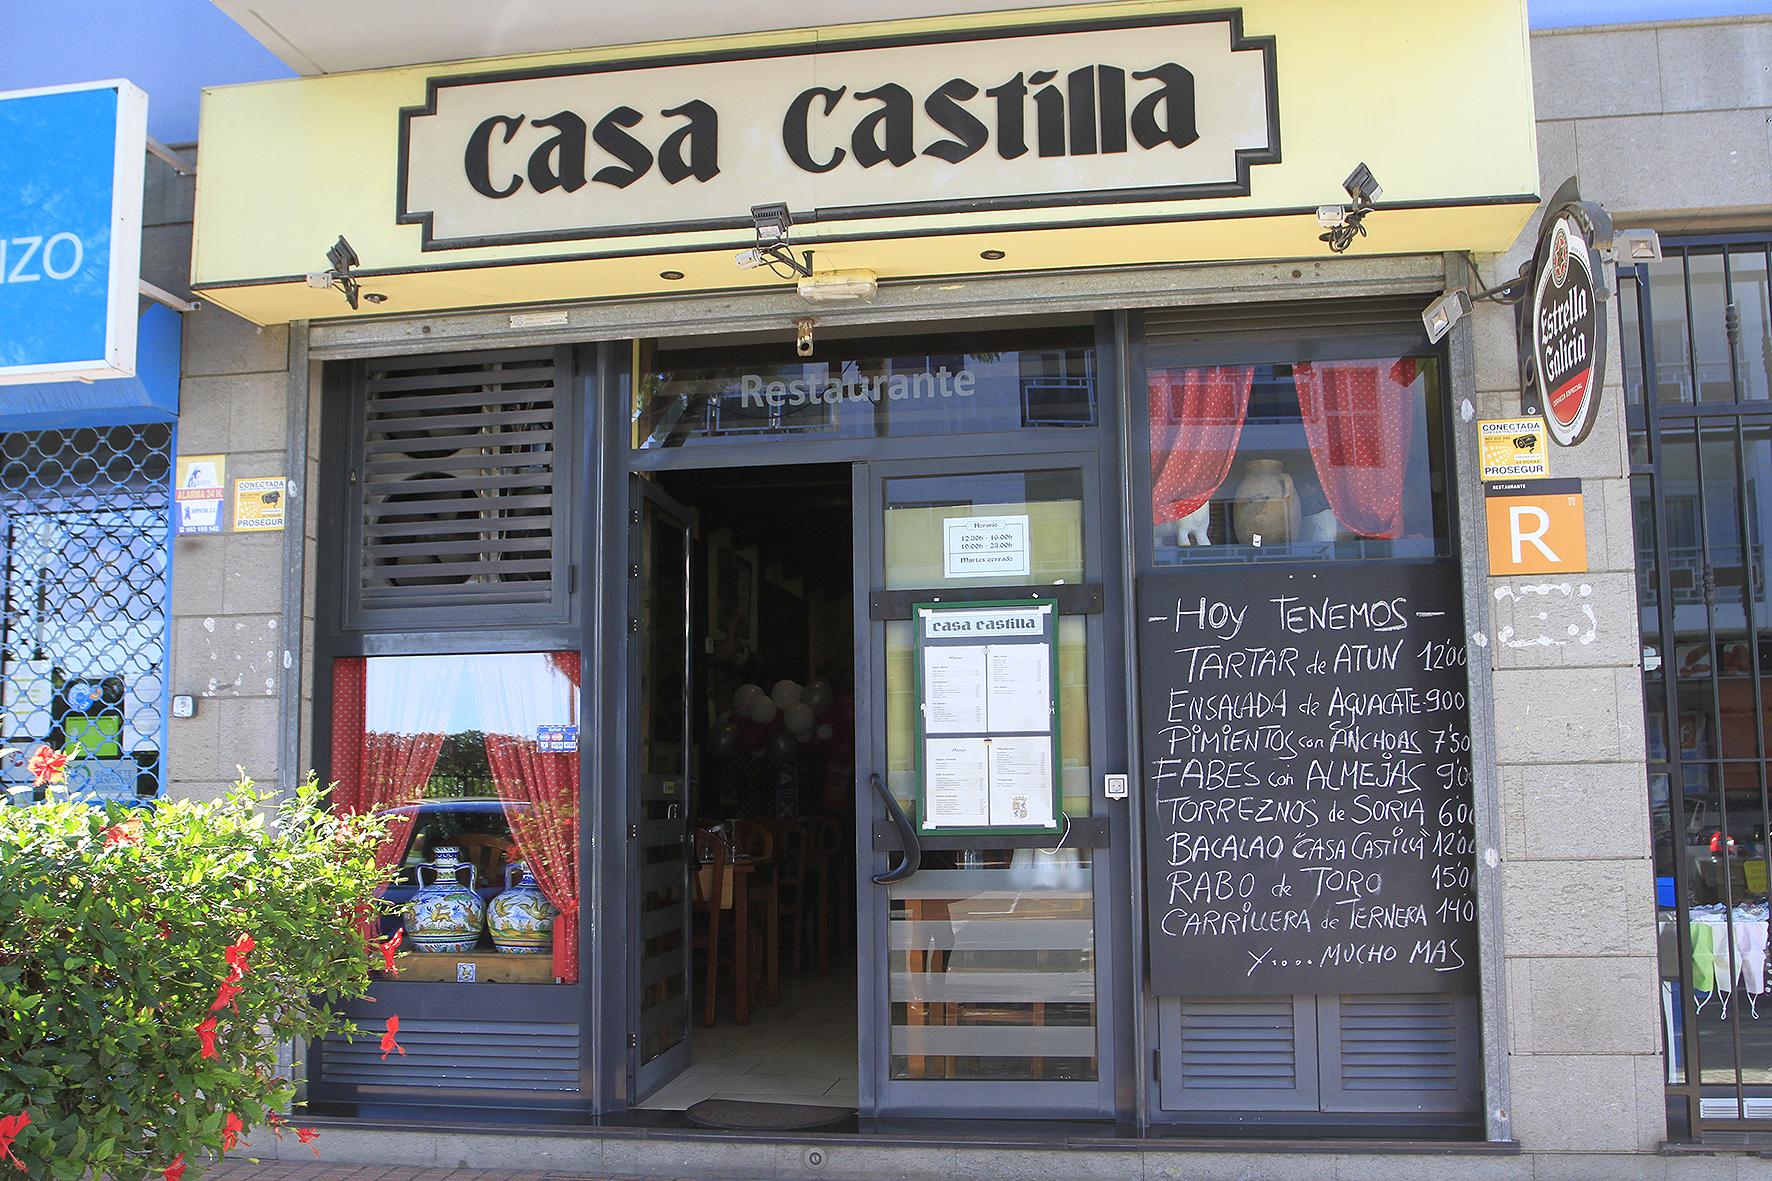 CASA CASTILLA_MG_7897